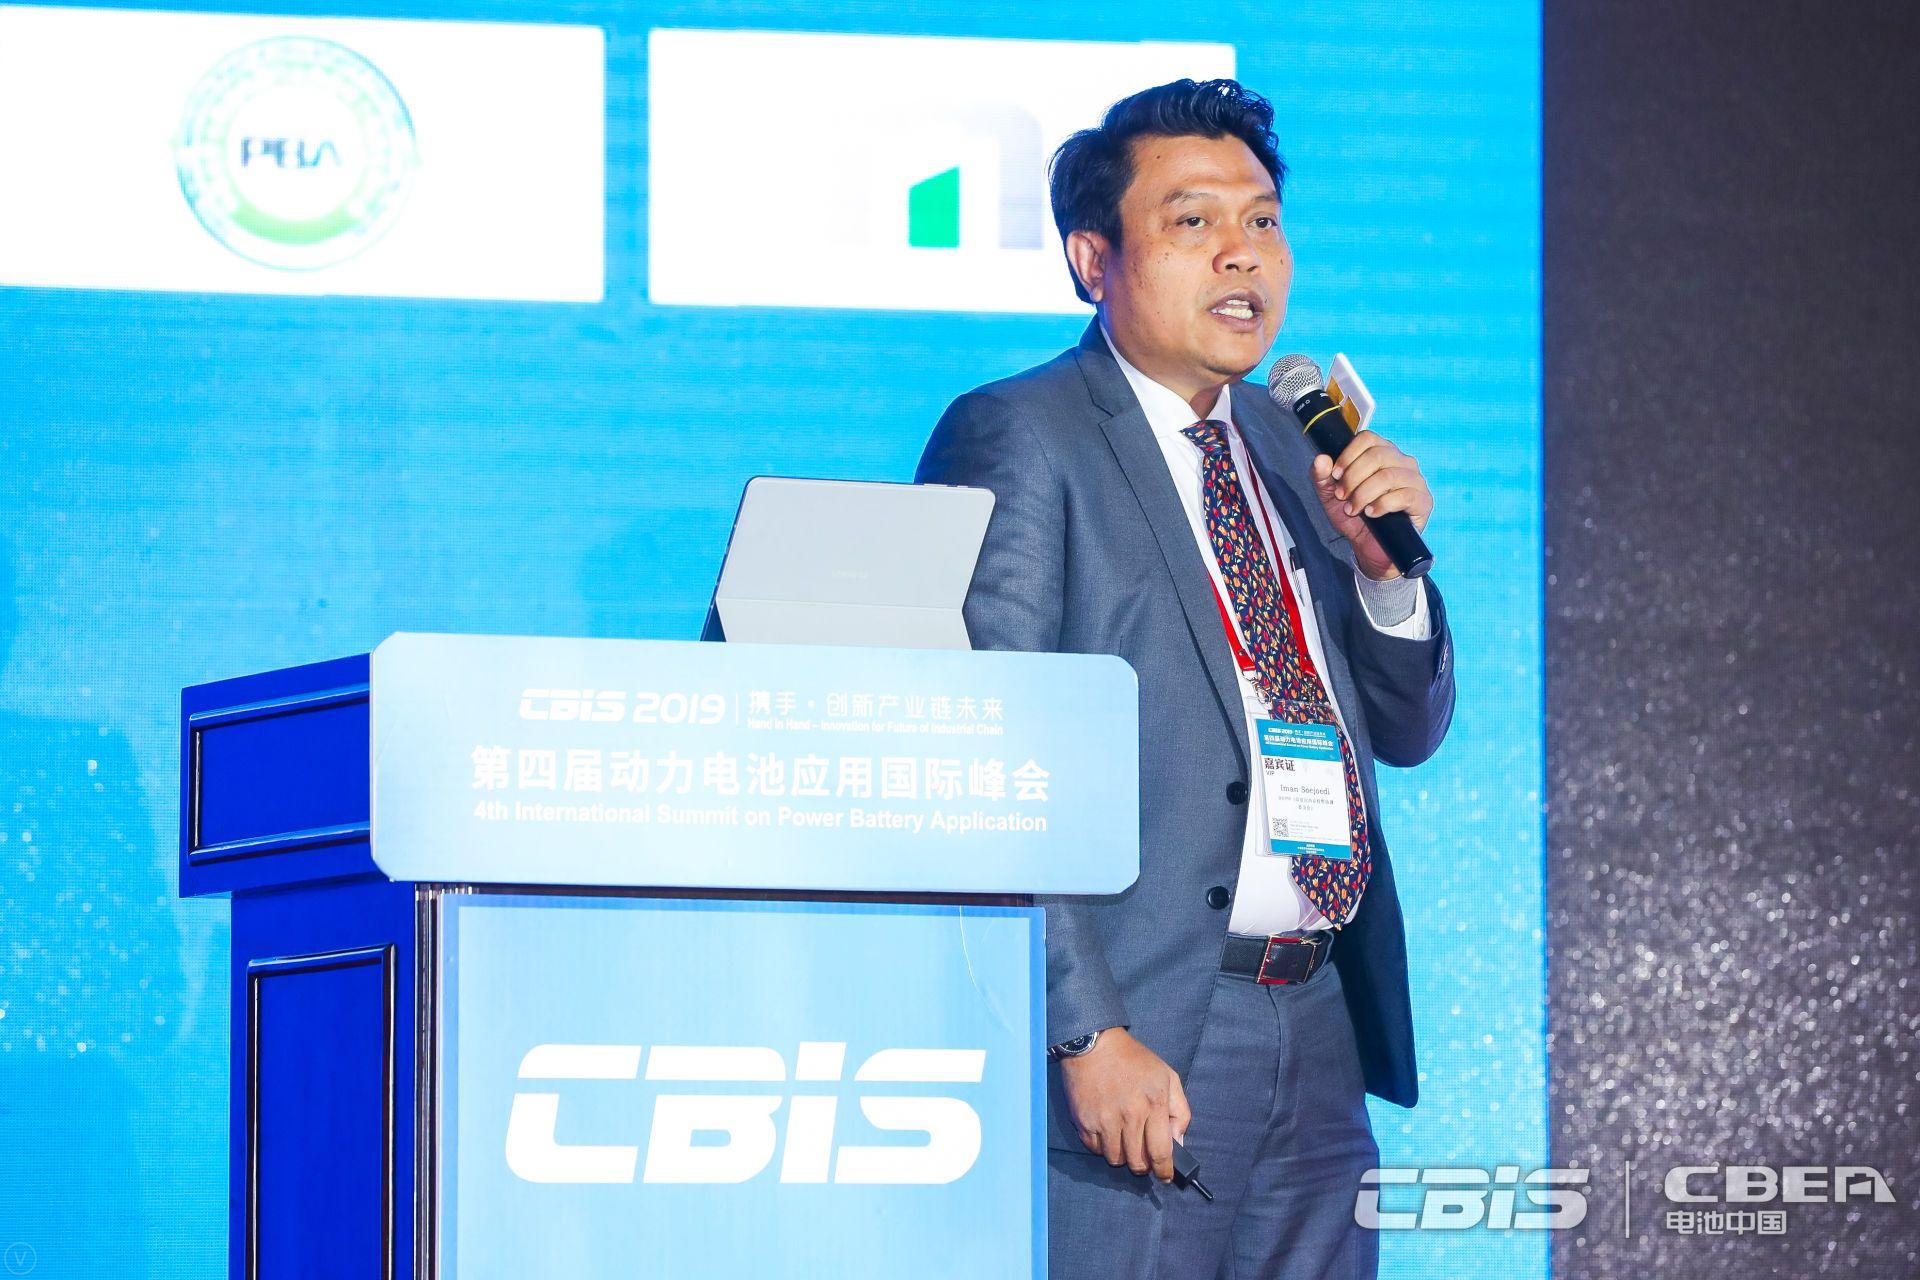 伊曼·壽祖迪:電動汽車發展面臨諸多挑戰 需政府和企業多方努力